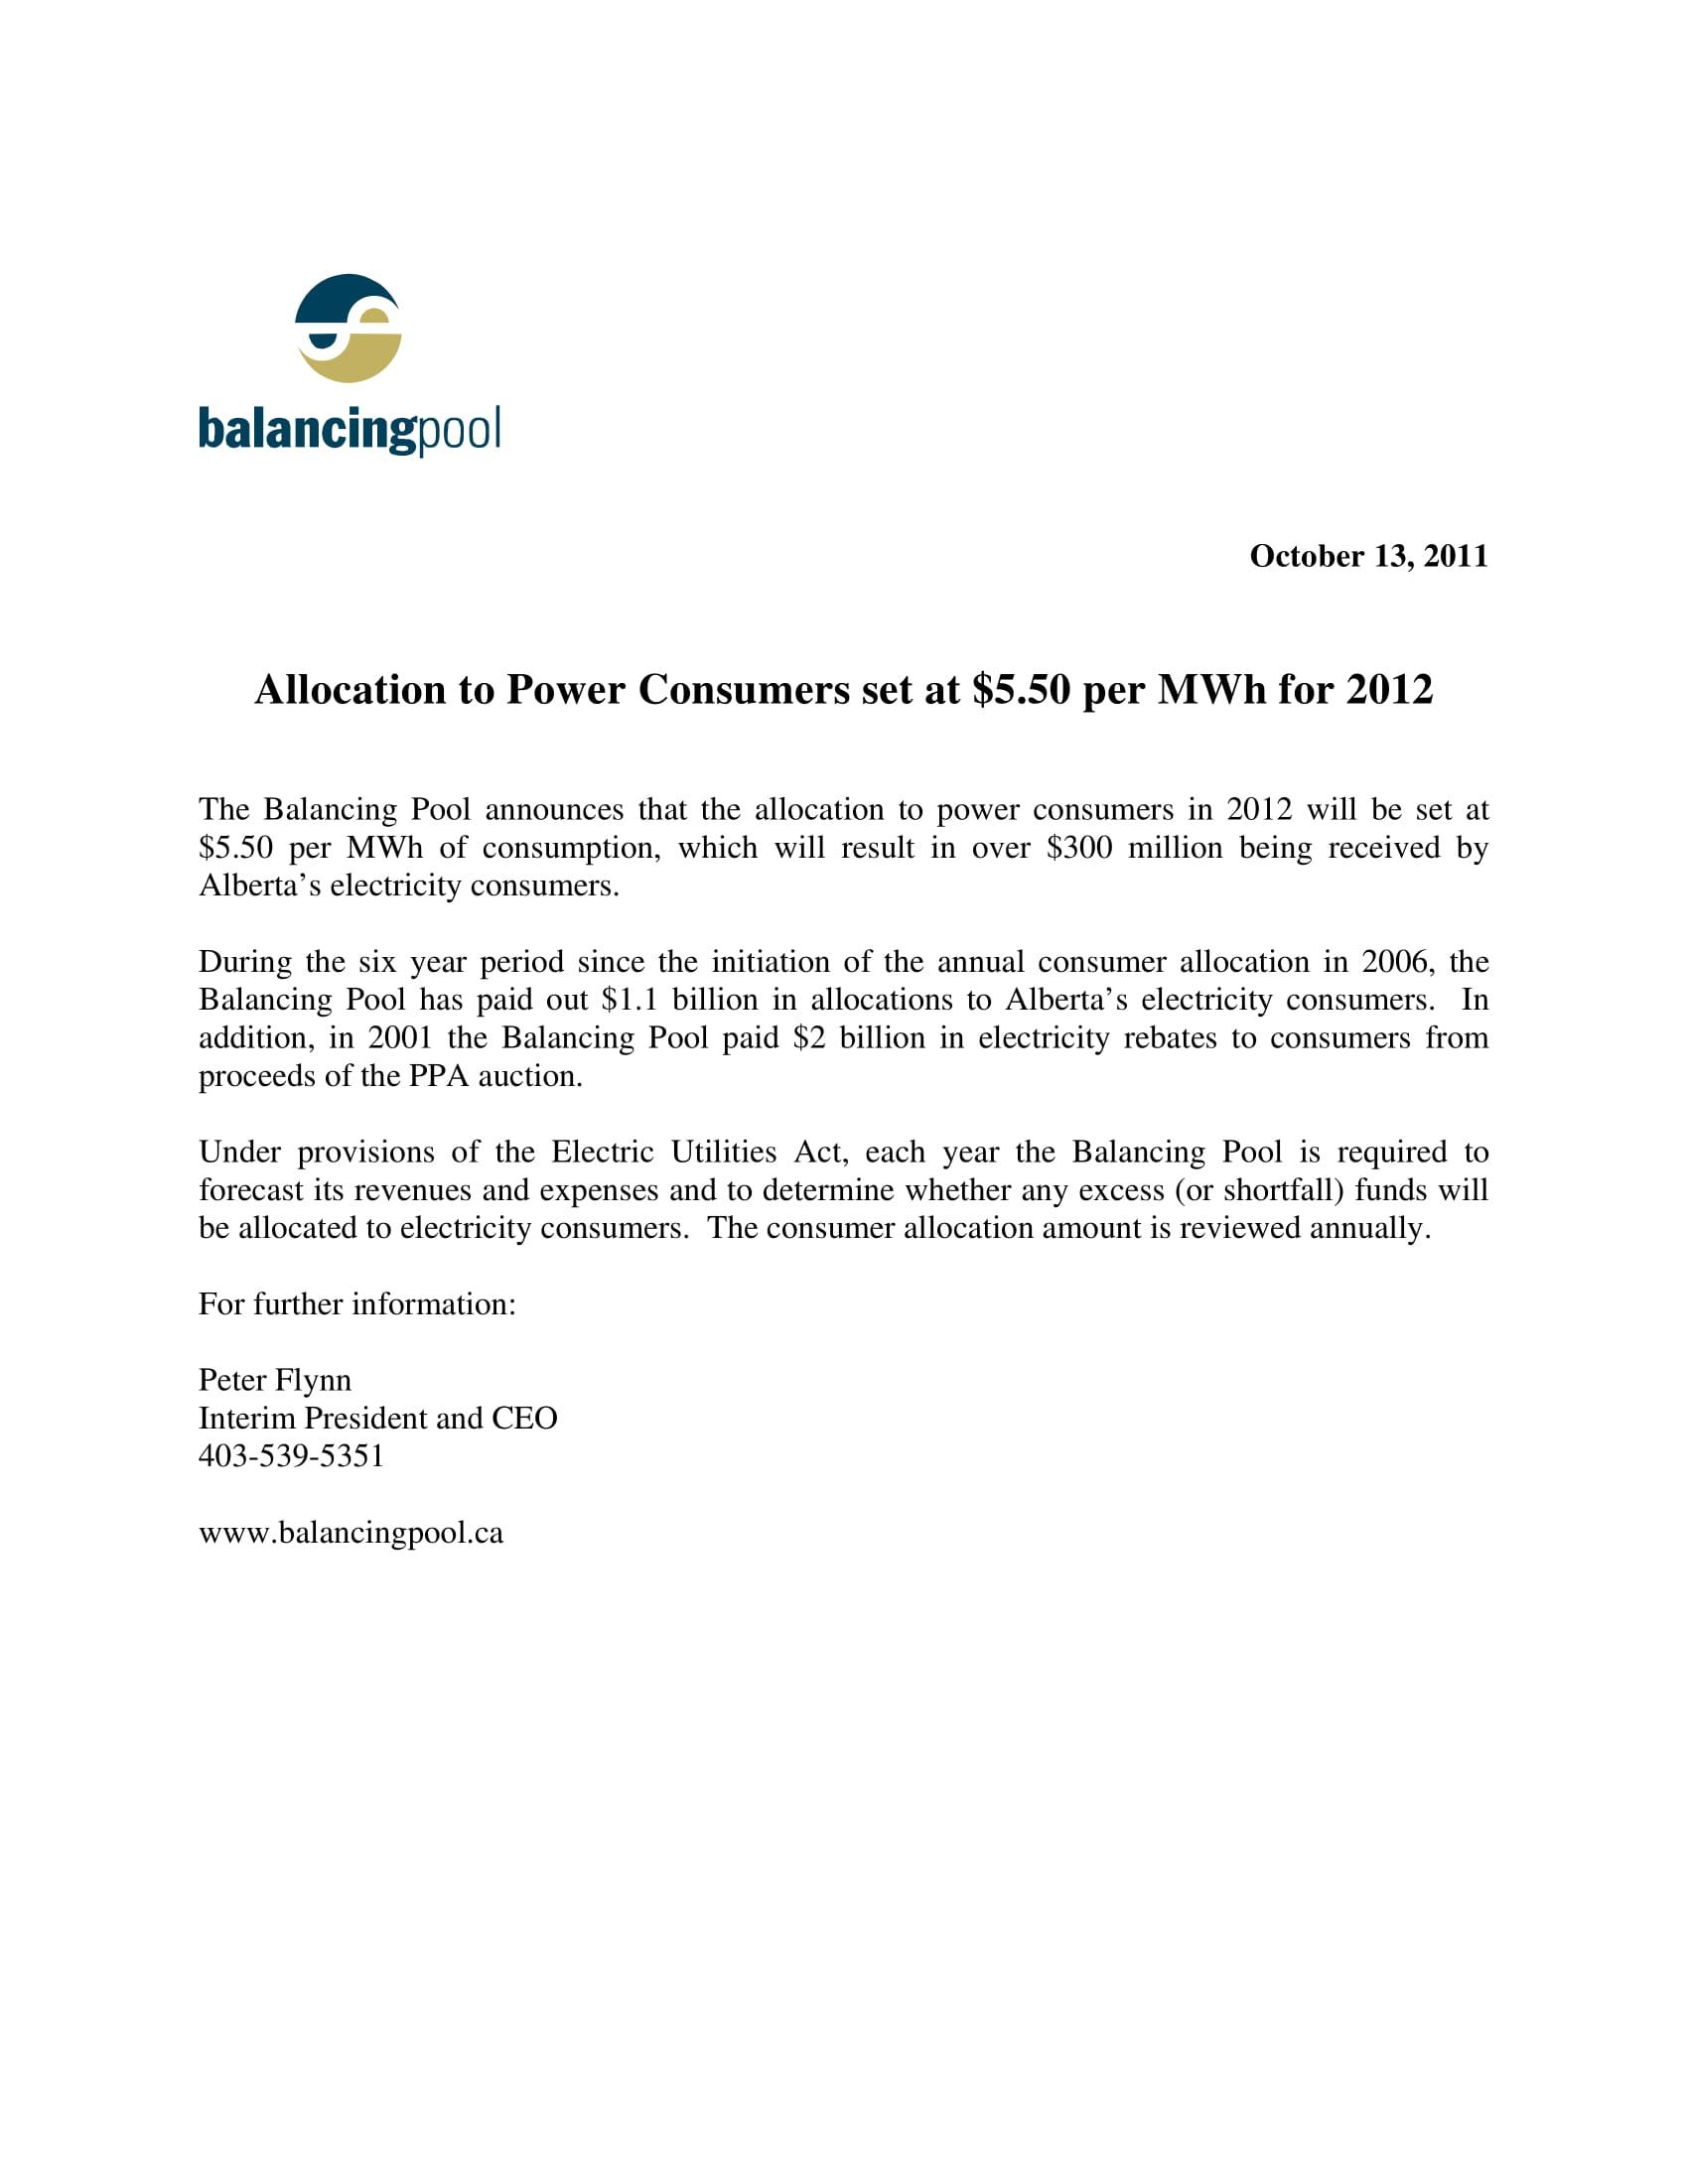 News Release 2011 Consumer Allocation